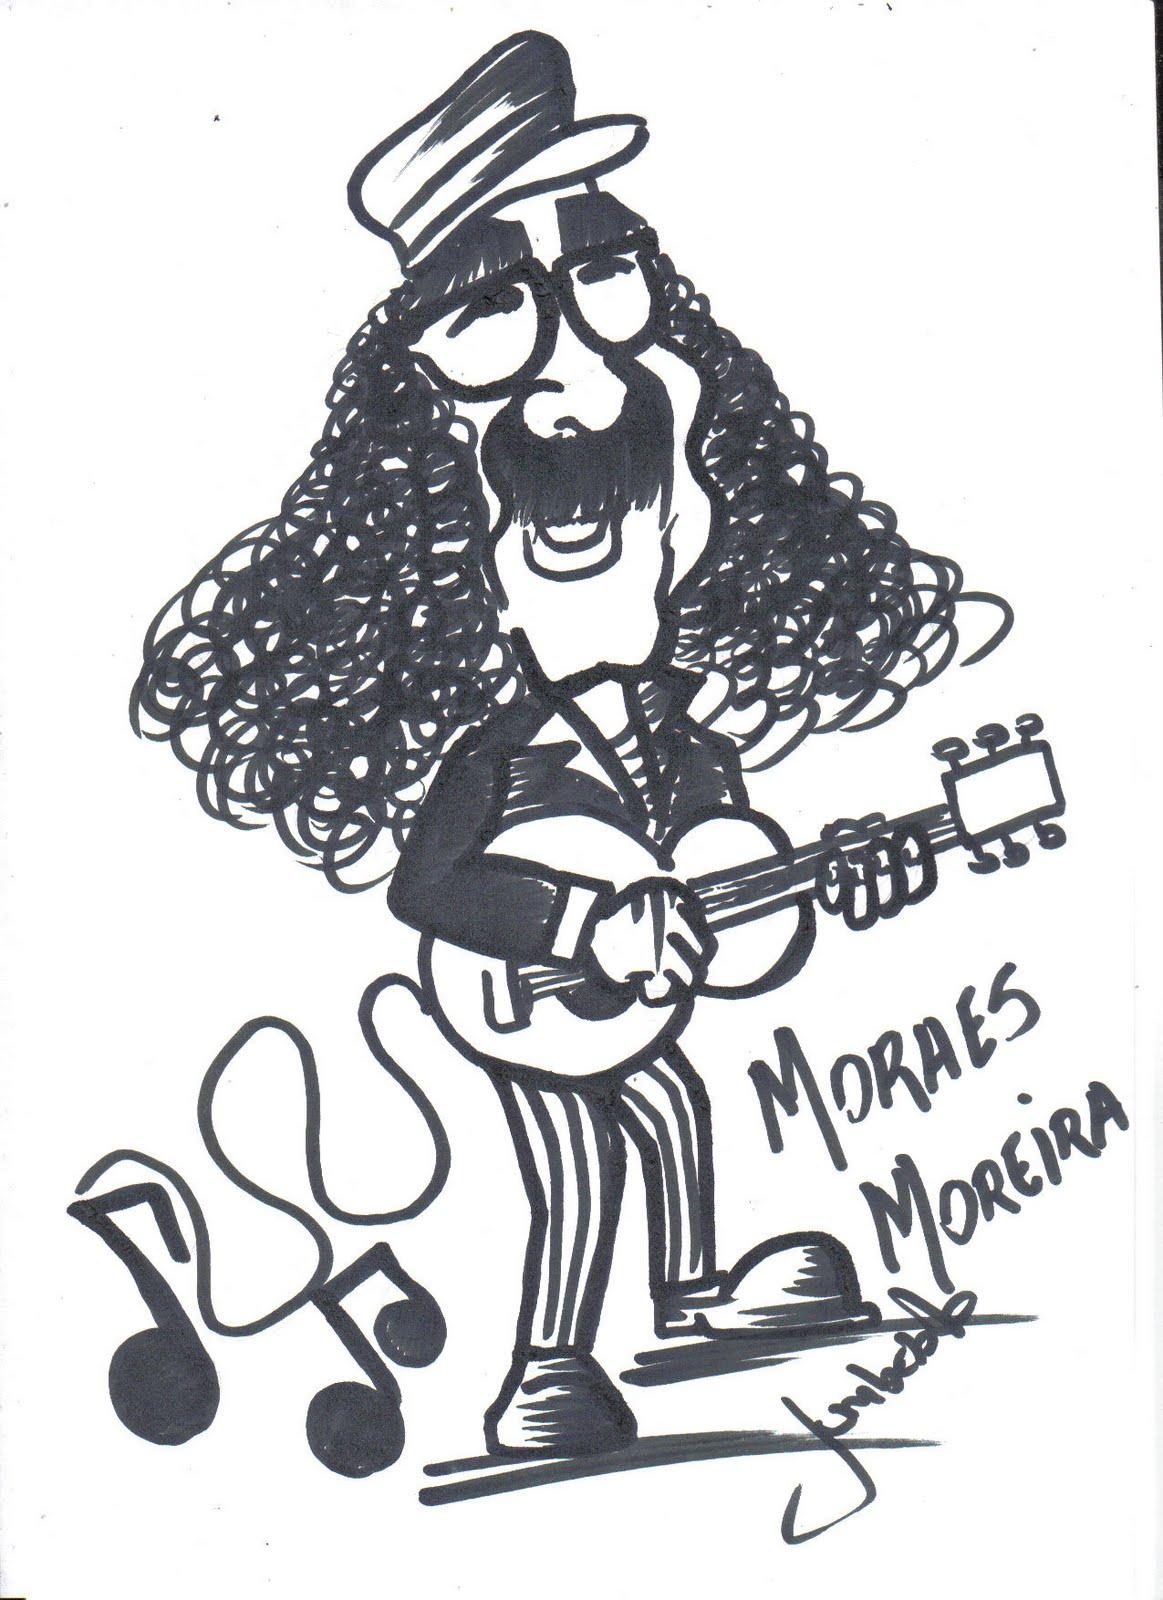 Caricaturas: Moraes Moreira